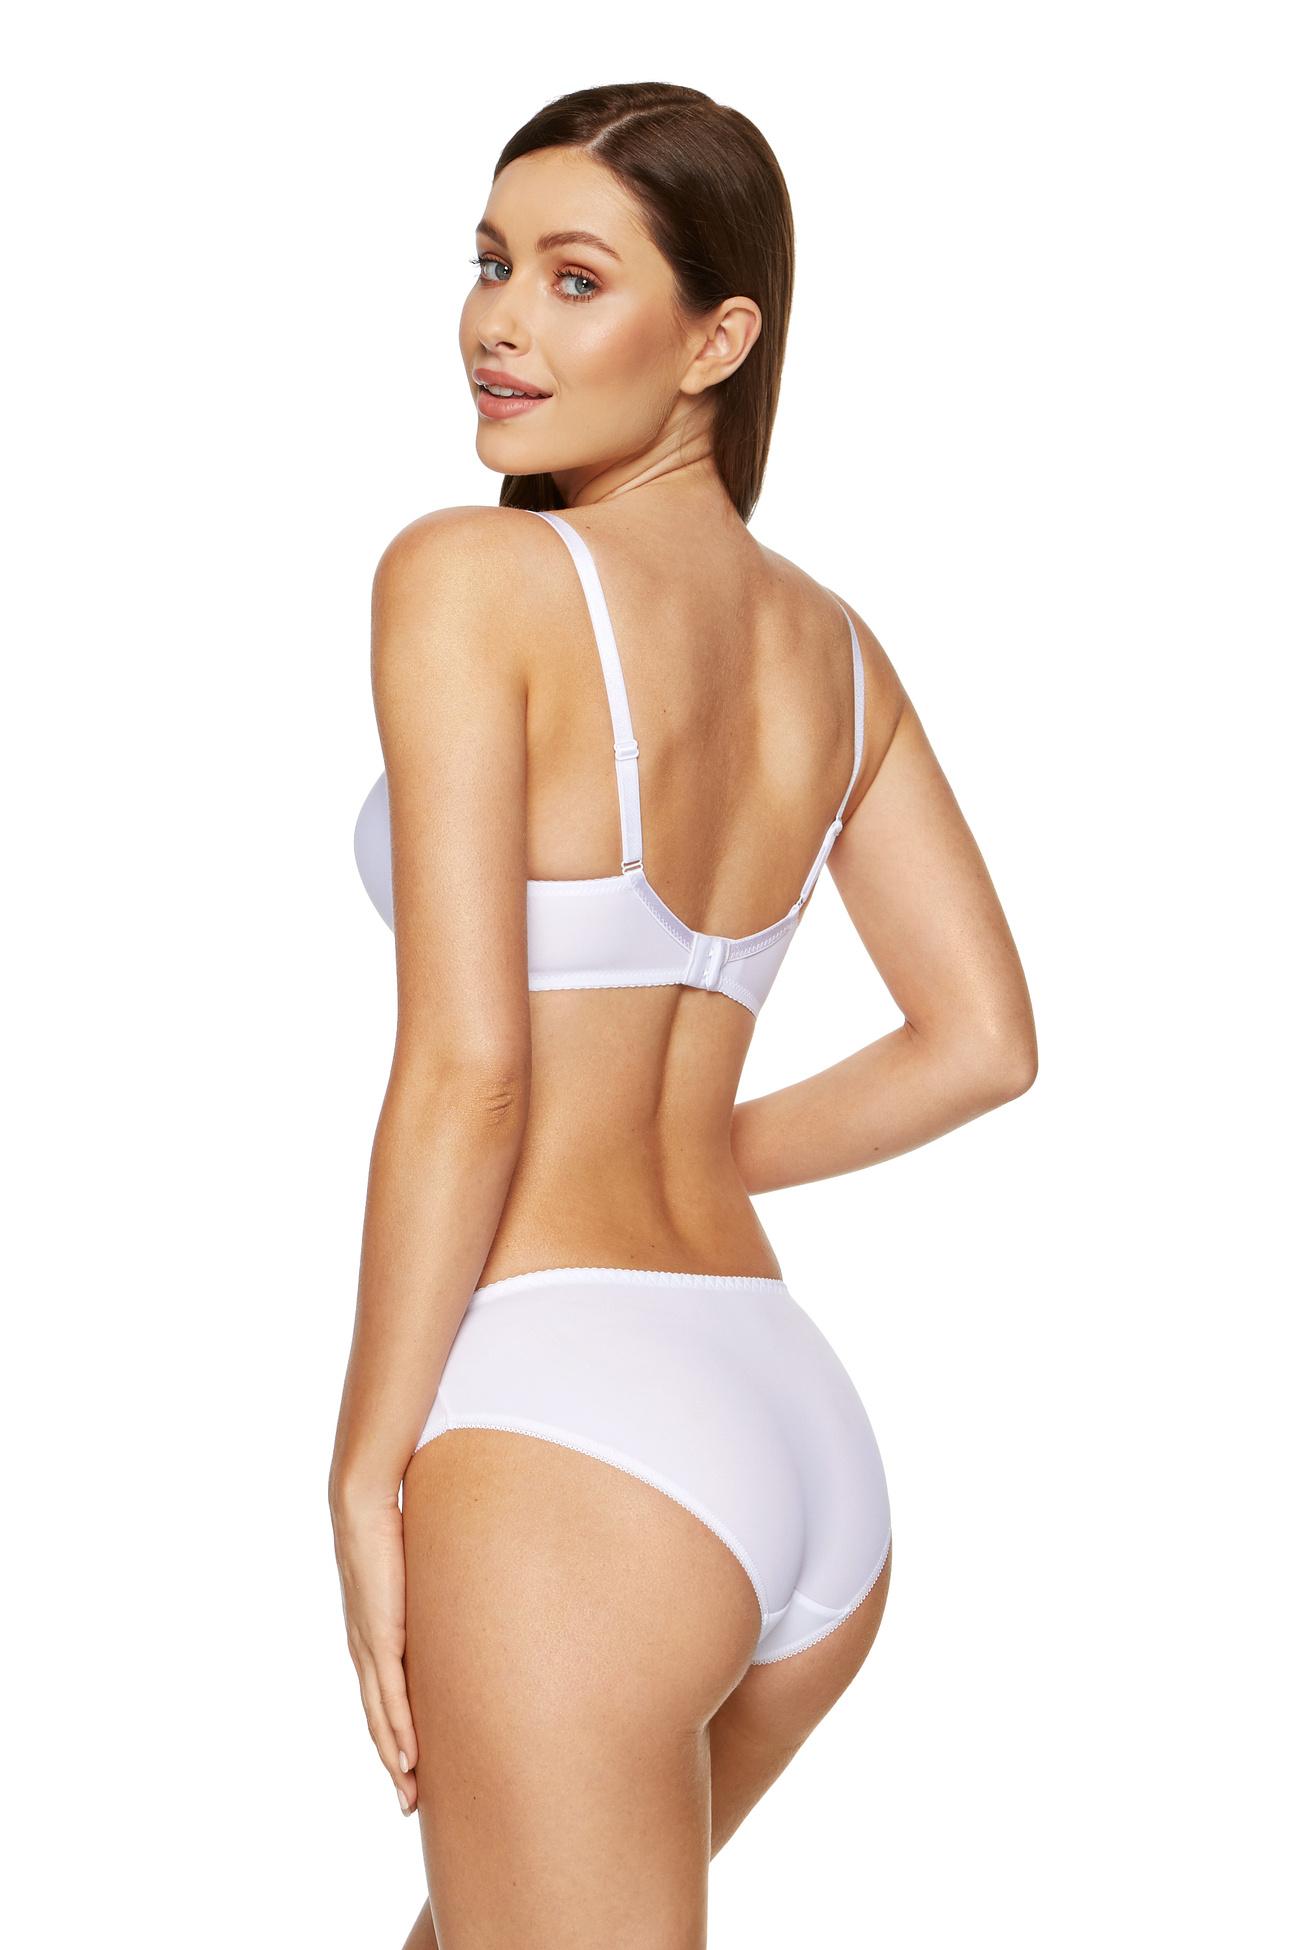 Biustonosz ma pomagać kobiecie poczuć się atrakcyjnie i komfortowo i naprawdę nie ma sensu męczyć się w staniku, w którym czujemy dyskomfort, skoro wystarczy dobrze poszukać, by wśród ogromnej ilości modeli znaleźć idealny dla siebie.